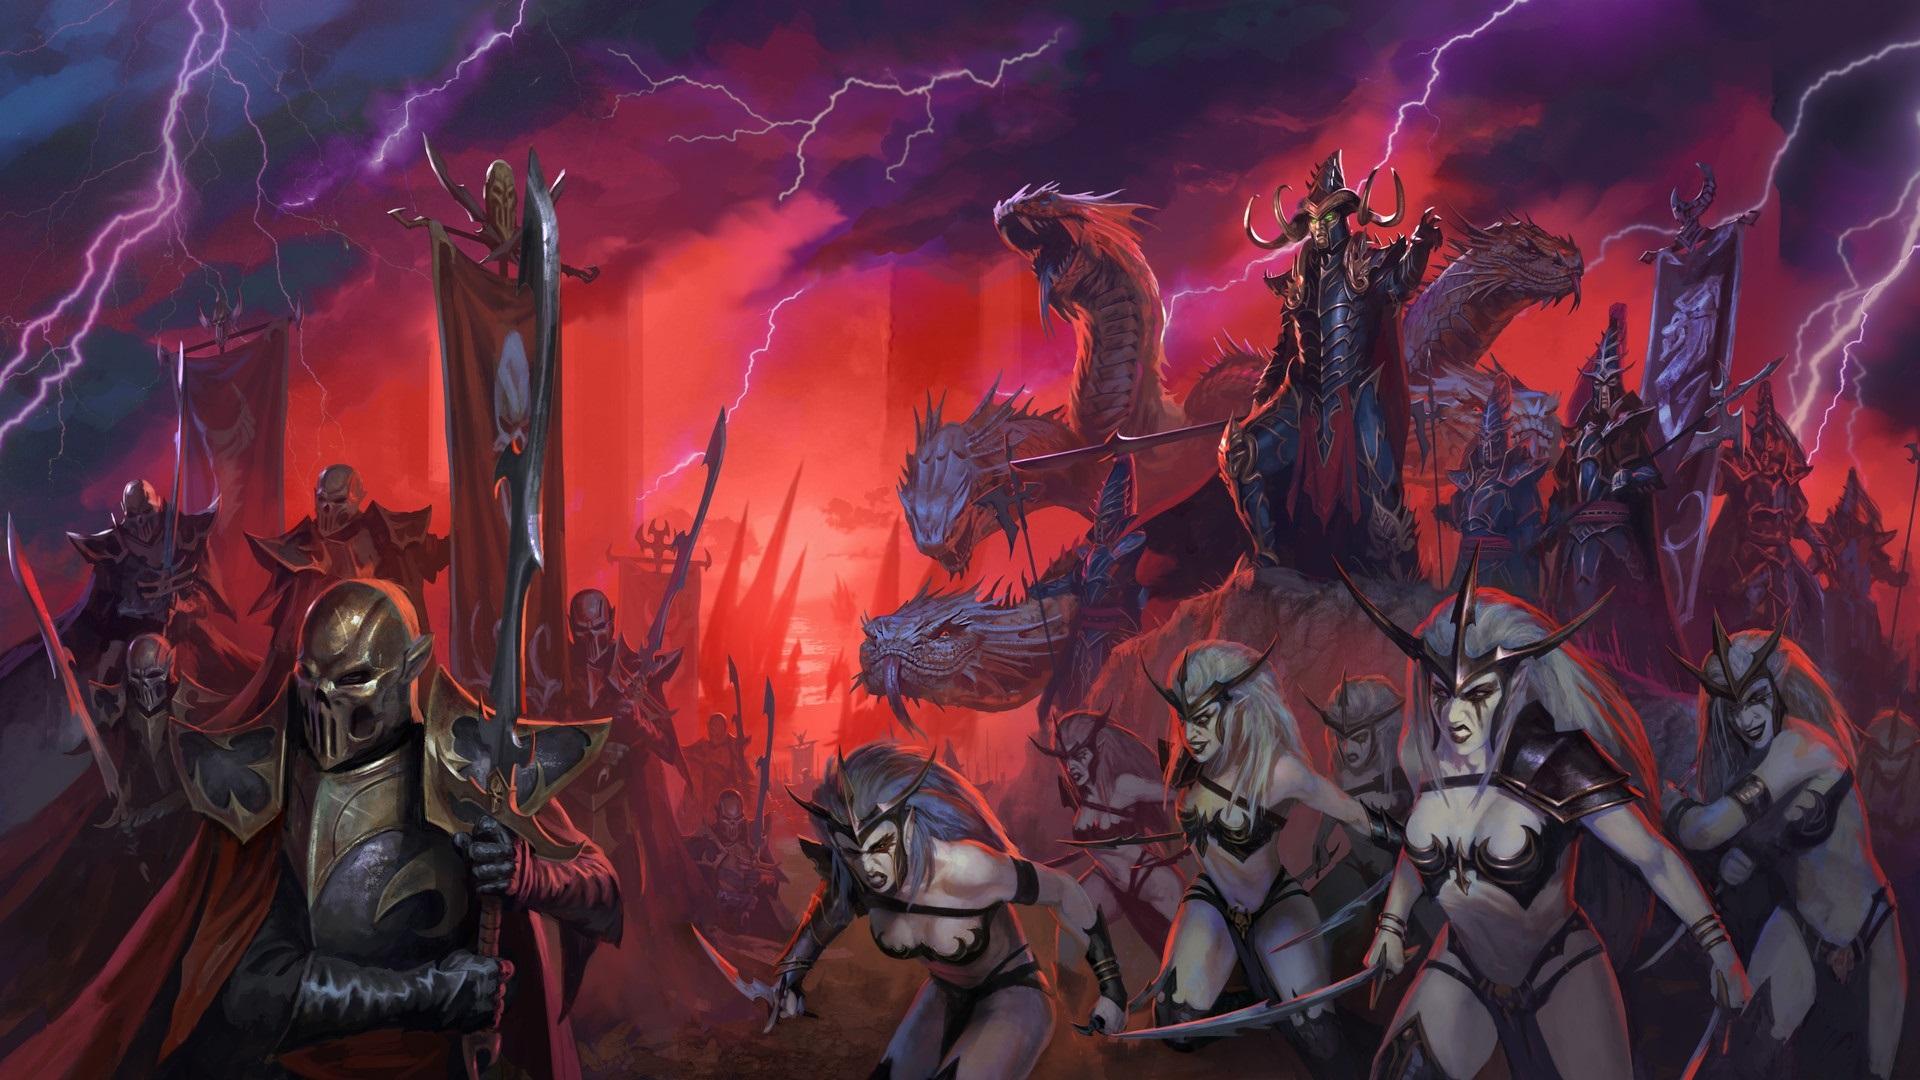 Wallpaper Total War Warhammer Ii Warrior Monster Lightning